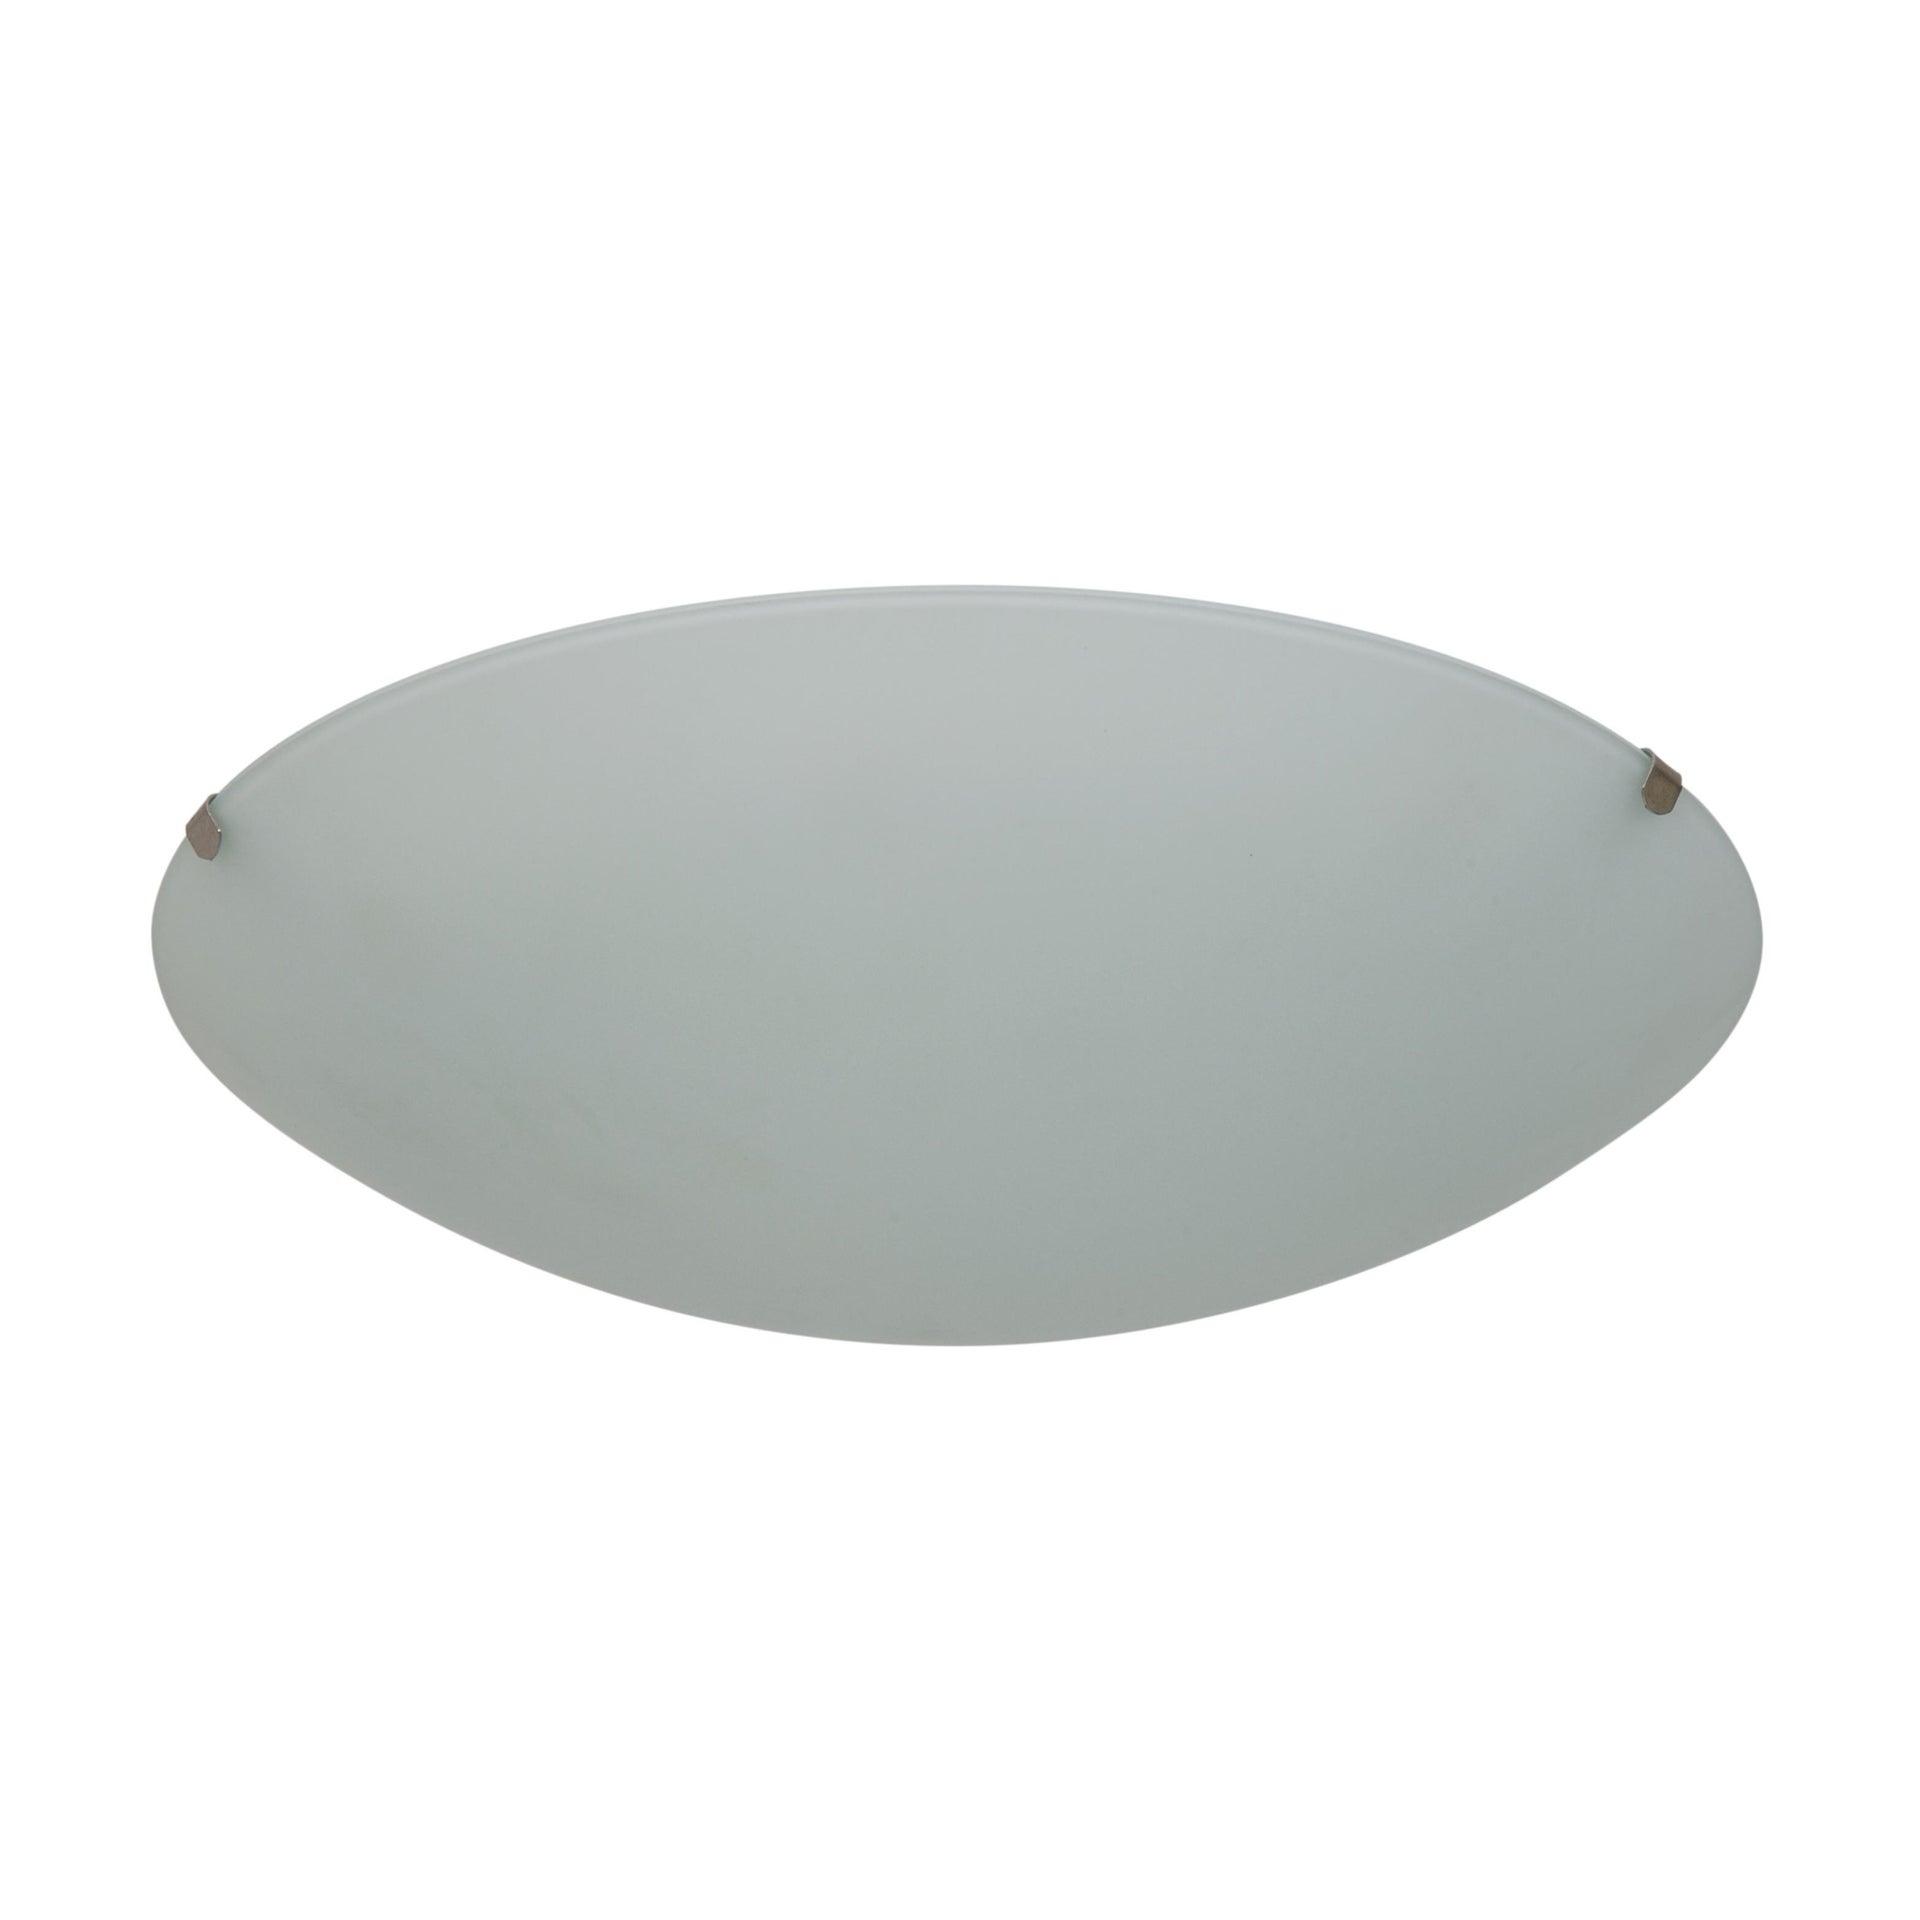 Plafoniera classico Pluton bianco, in cristallo, D. 25 cm 25x25 cm, - 10